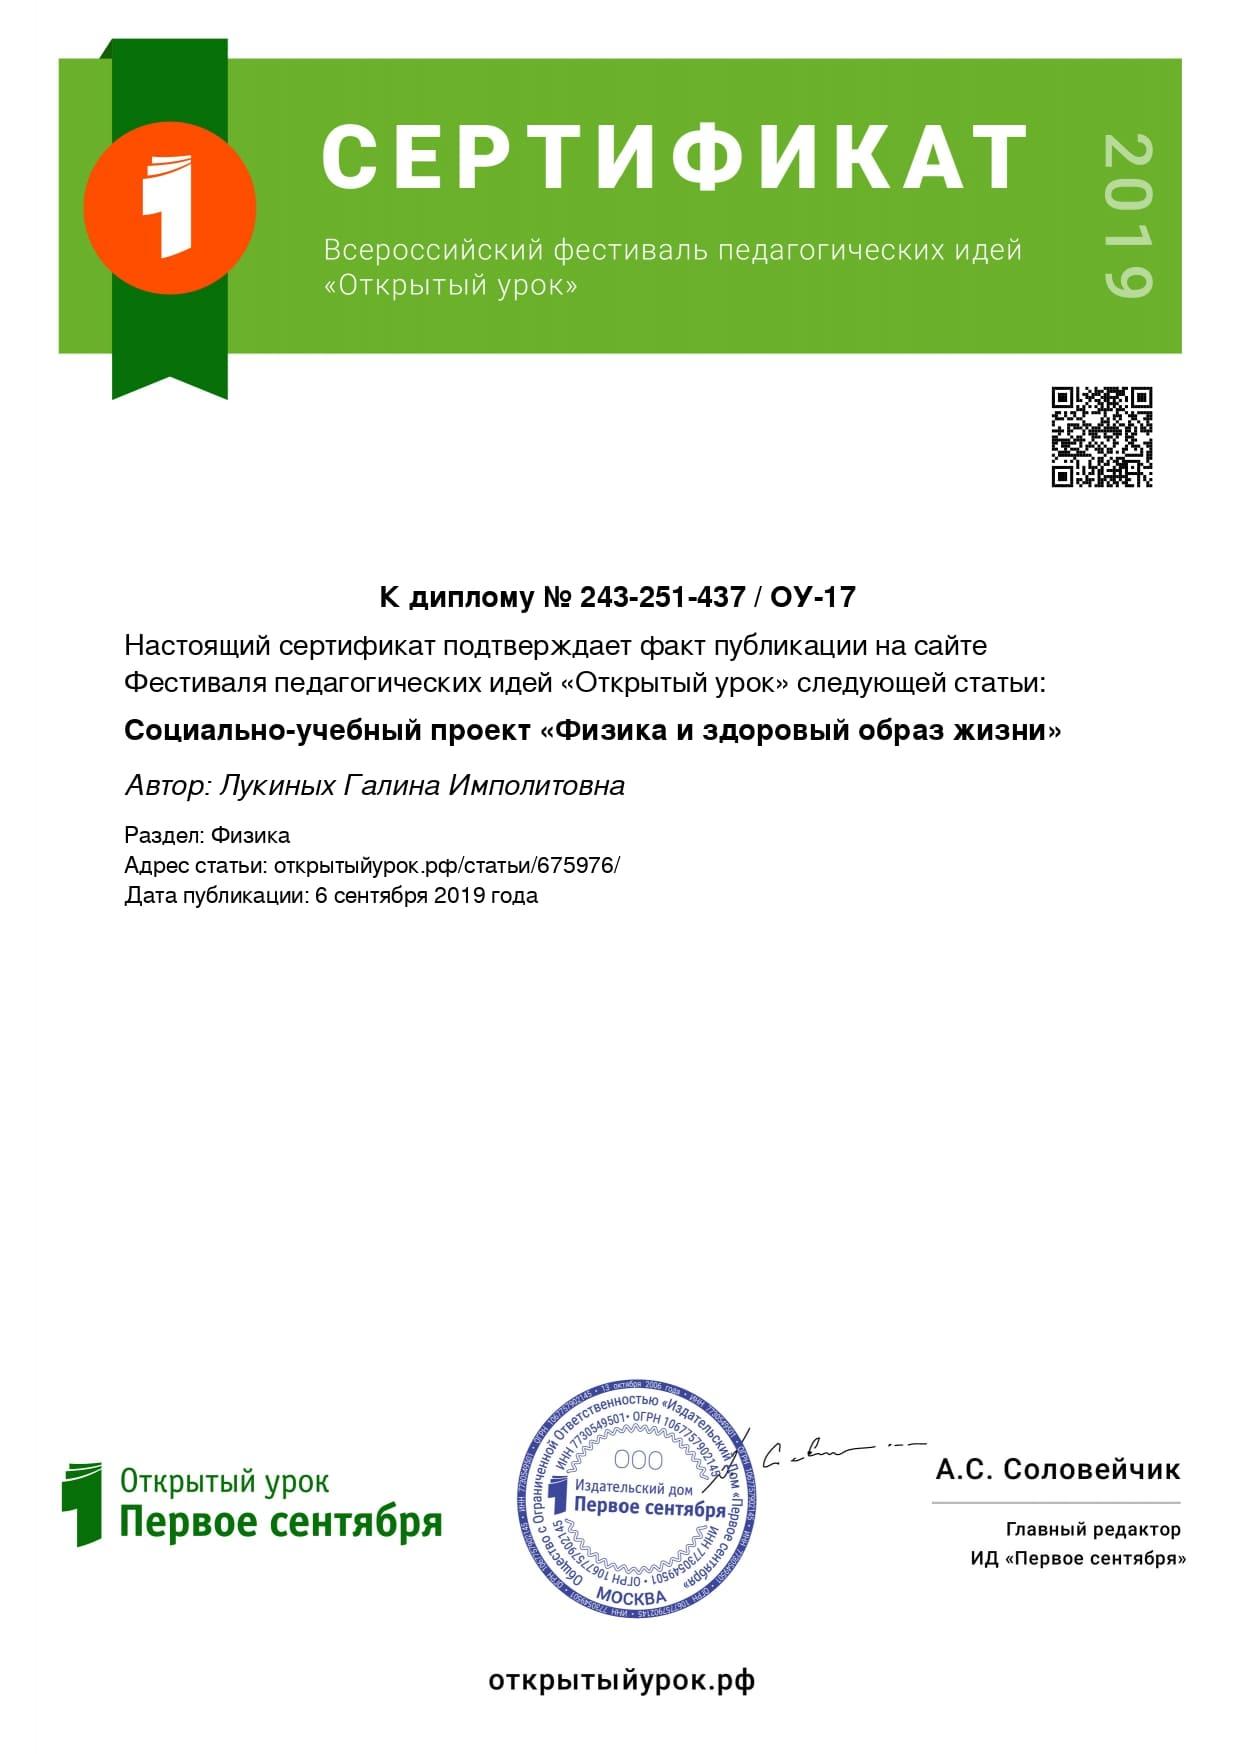 Сертификат публикации на сайте Фестиваля педагогических идей «Открытый урок» Социально-учебный проект «Физика и здоровый образ жизни»